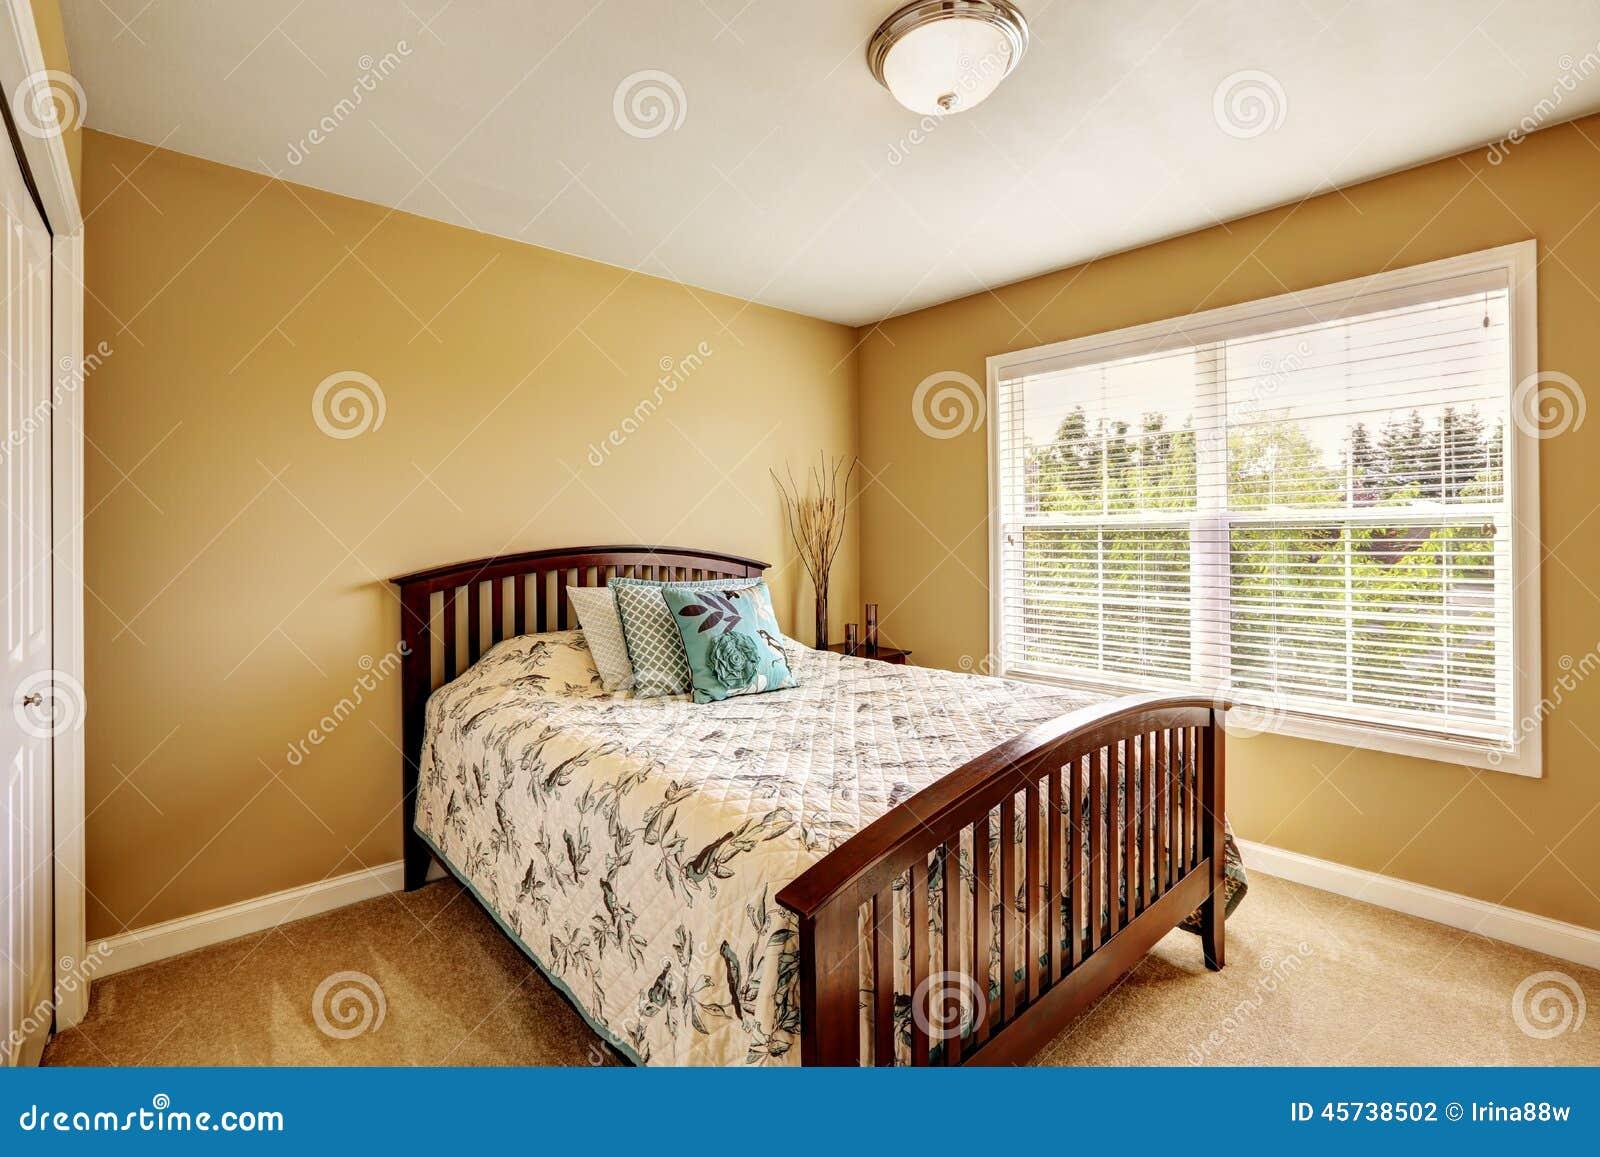 Int rieur simple de chambre coucher avec le lit en bois for Interieur de chambre a coucher